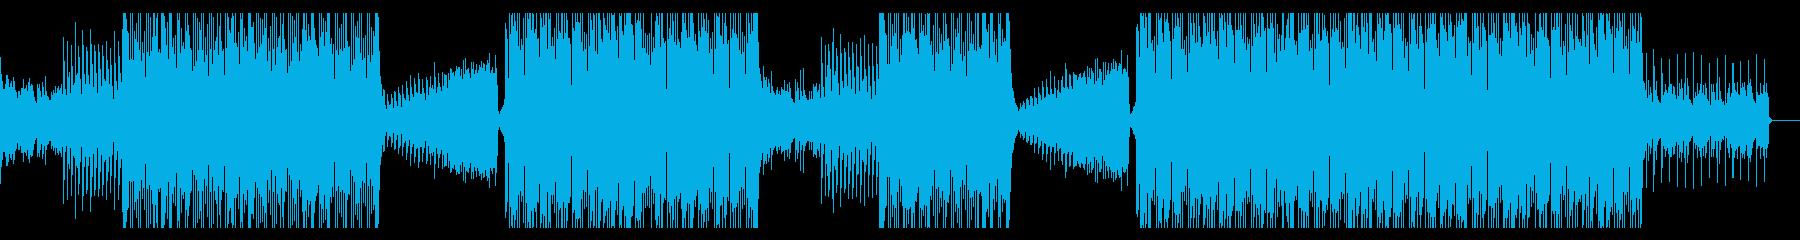 ナレーションに合う洋楽ポップなピアハウスの再生済みの波形